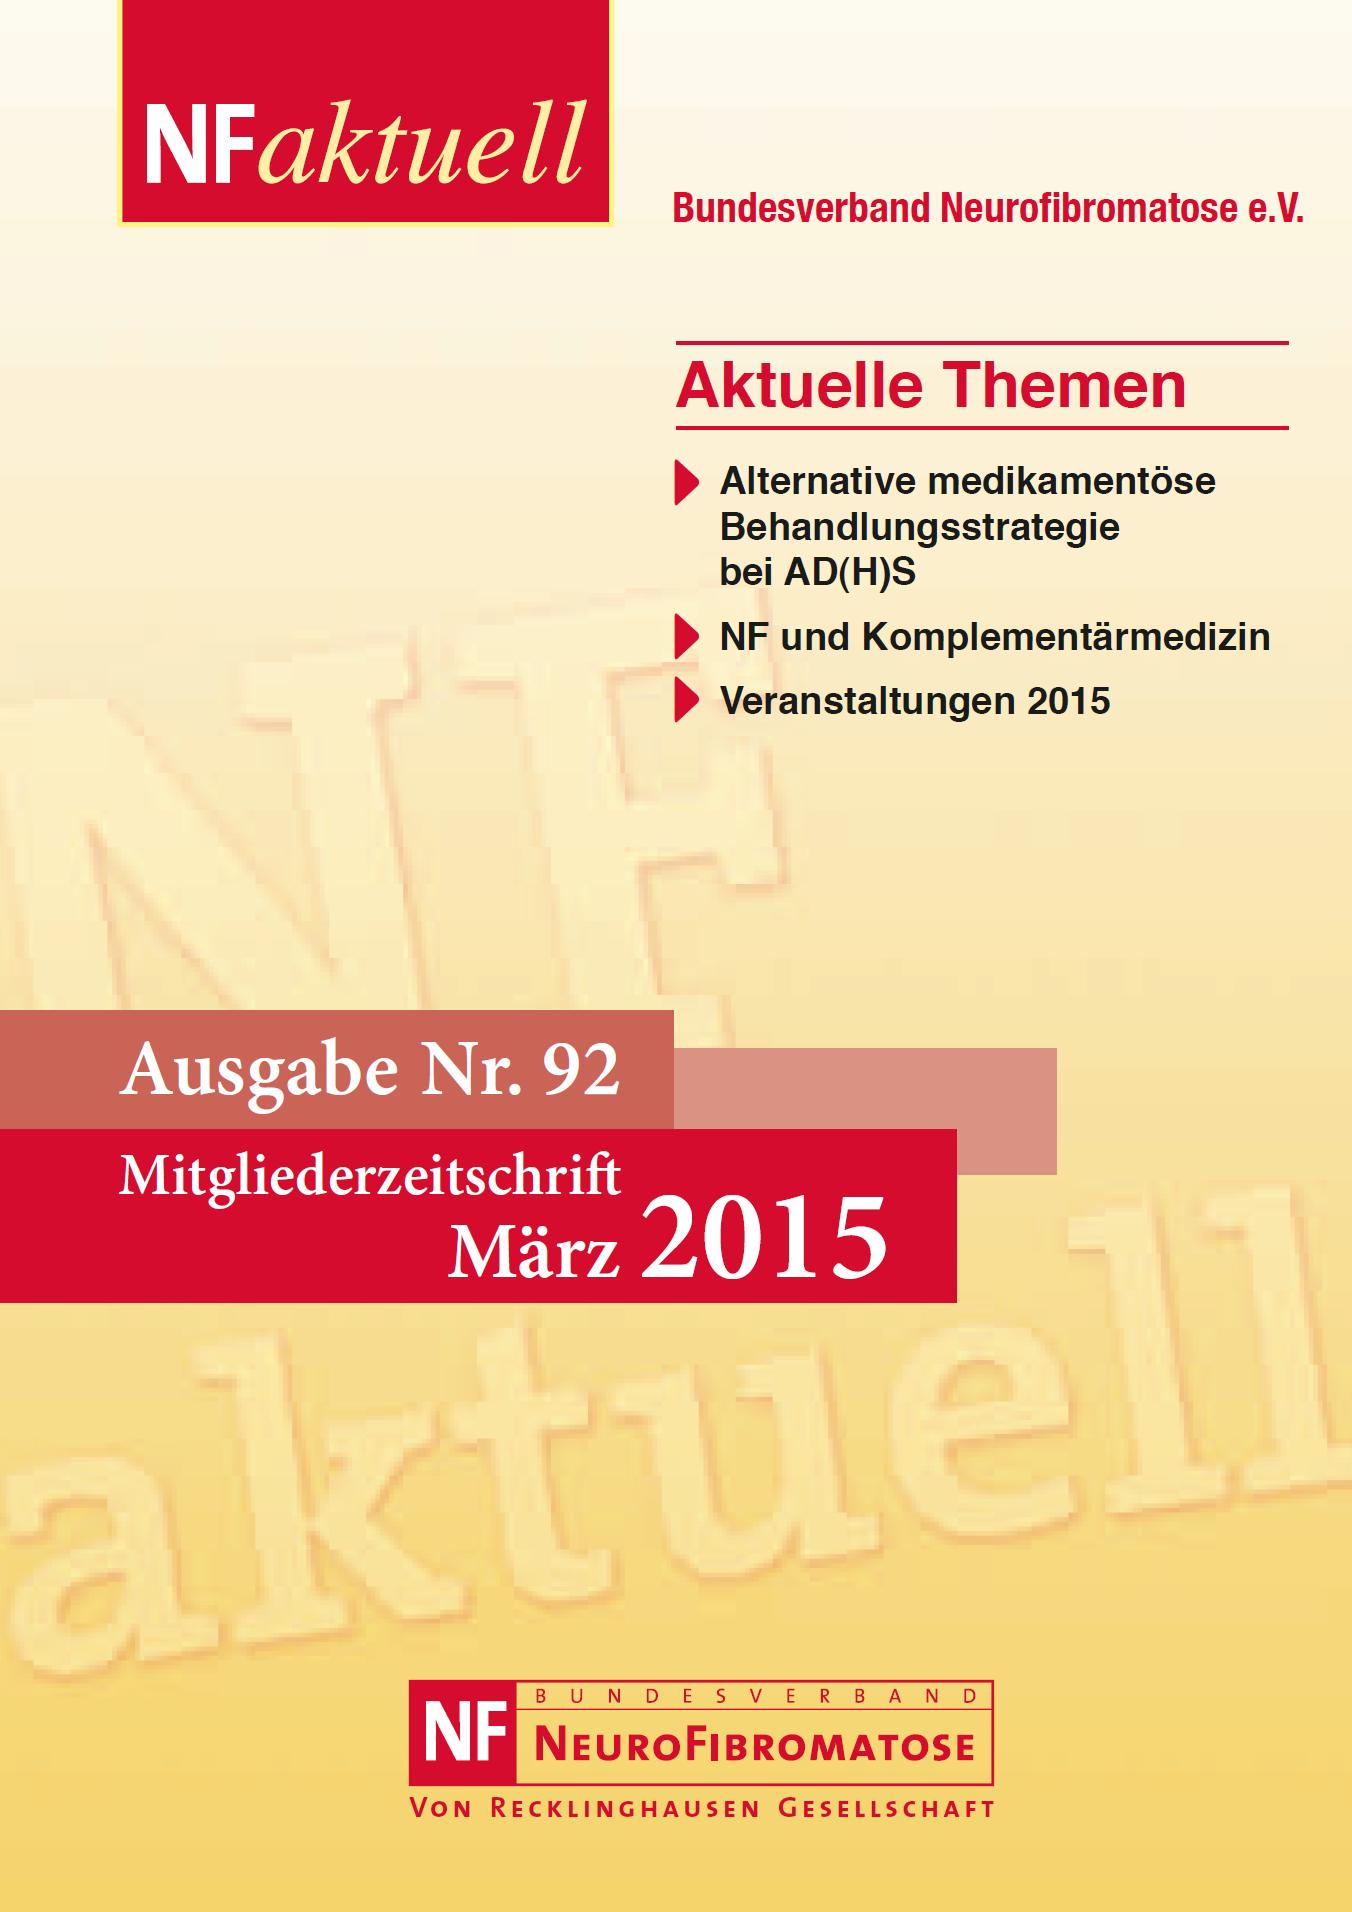 NFaktuell-92-maerz-2015-titel